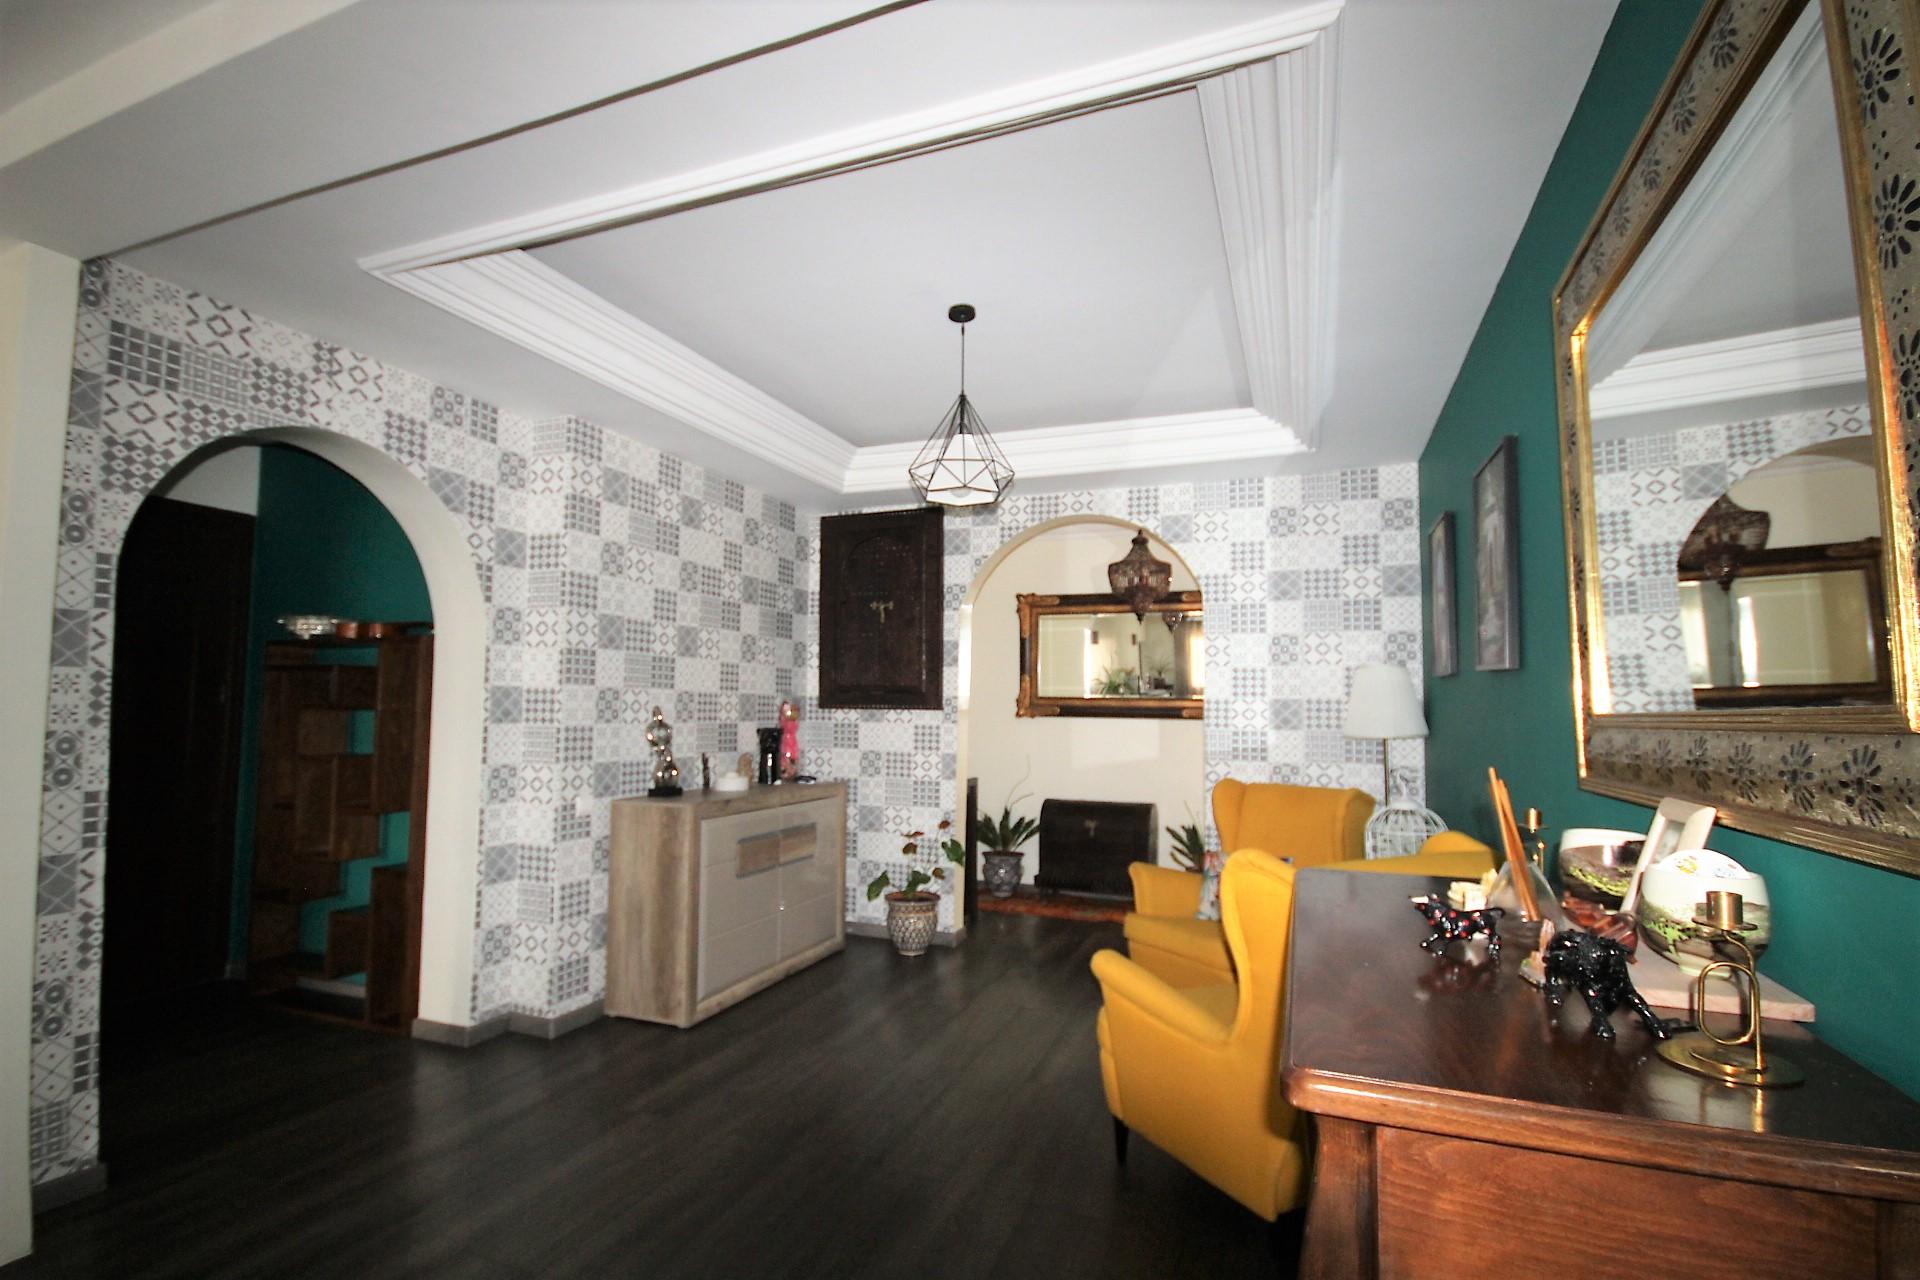 EXCLUSIVITÉ: Gauthier à louer luxueux appartement lumineux meublé de 200 M² en étage élevé